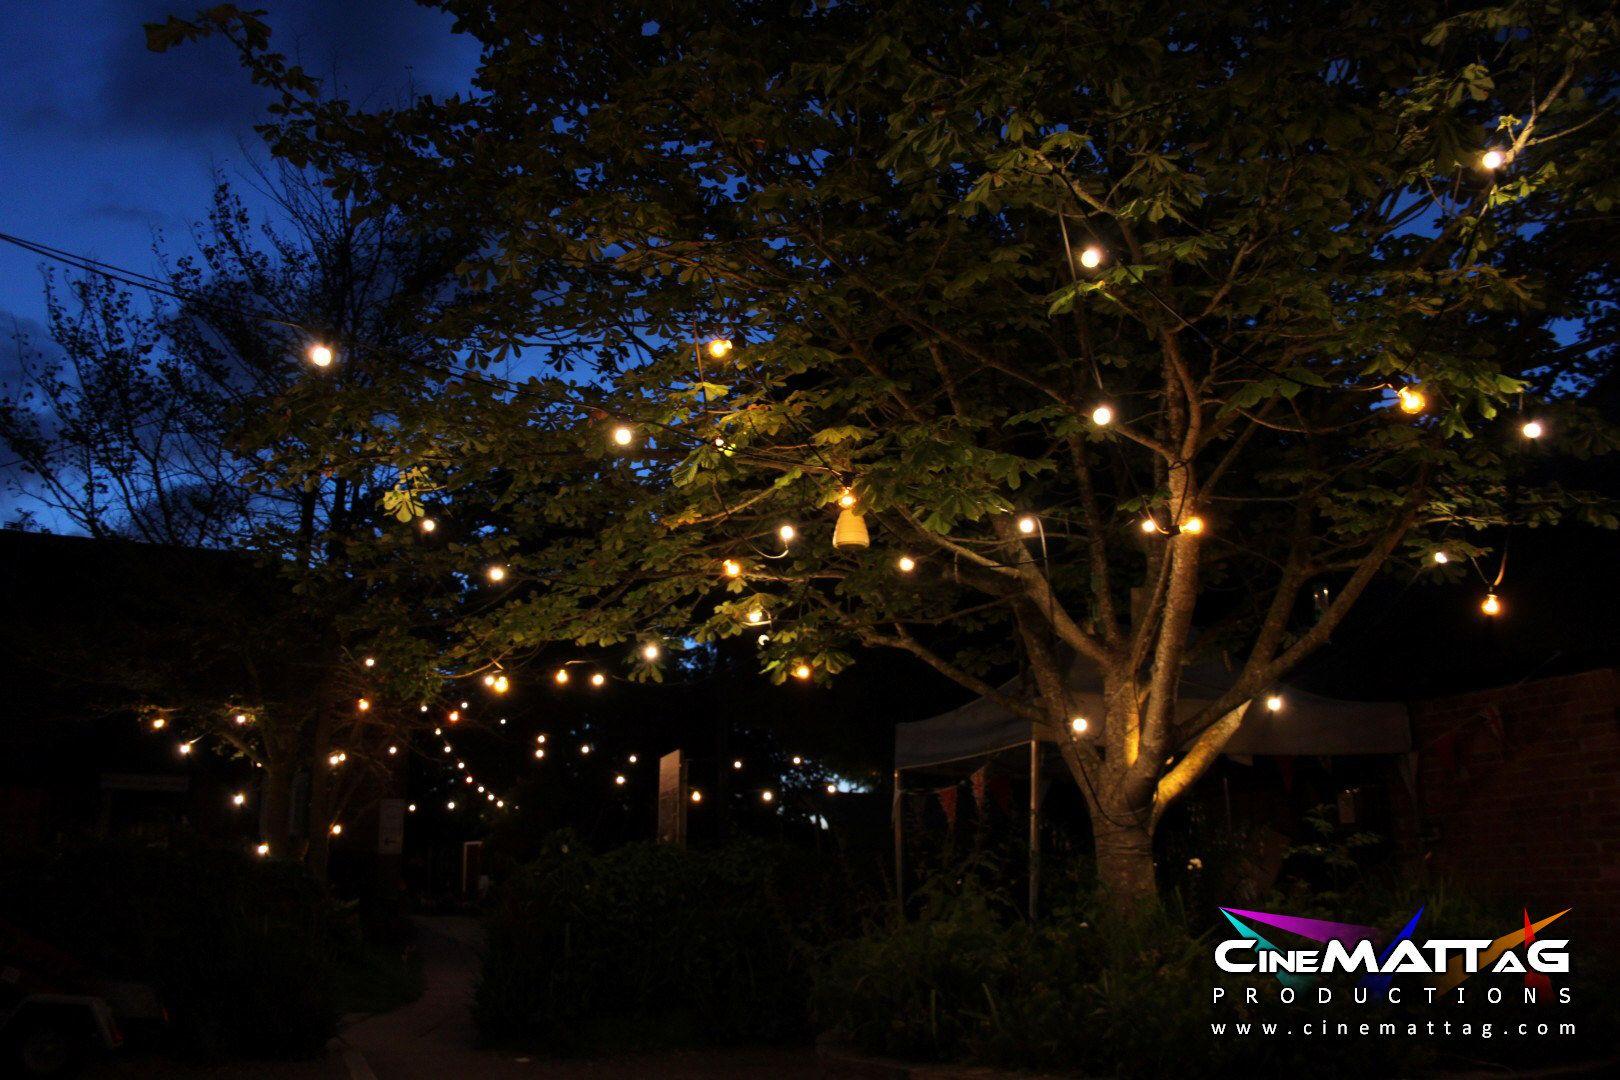 Festoon lighting in trees Event Lighting